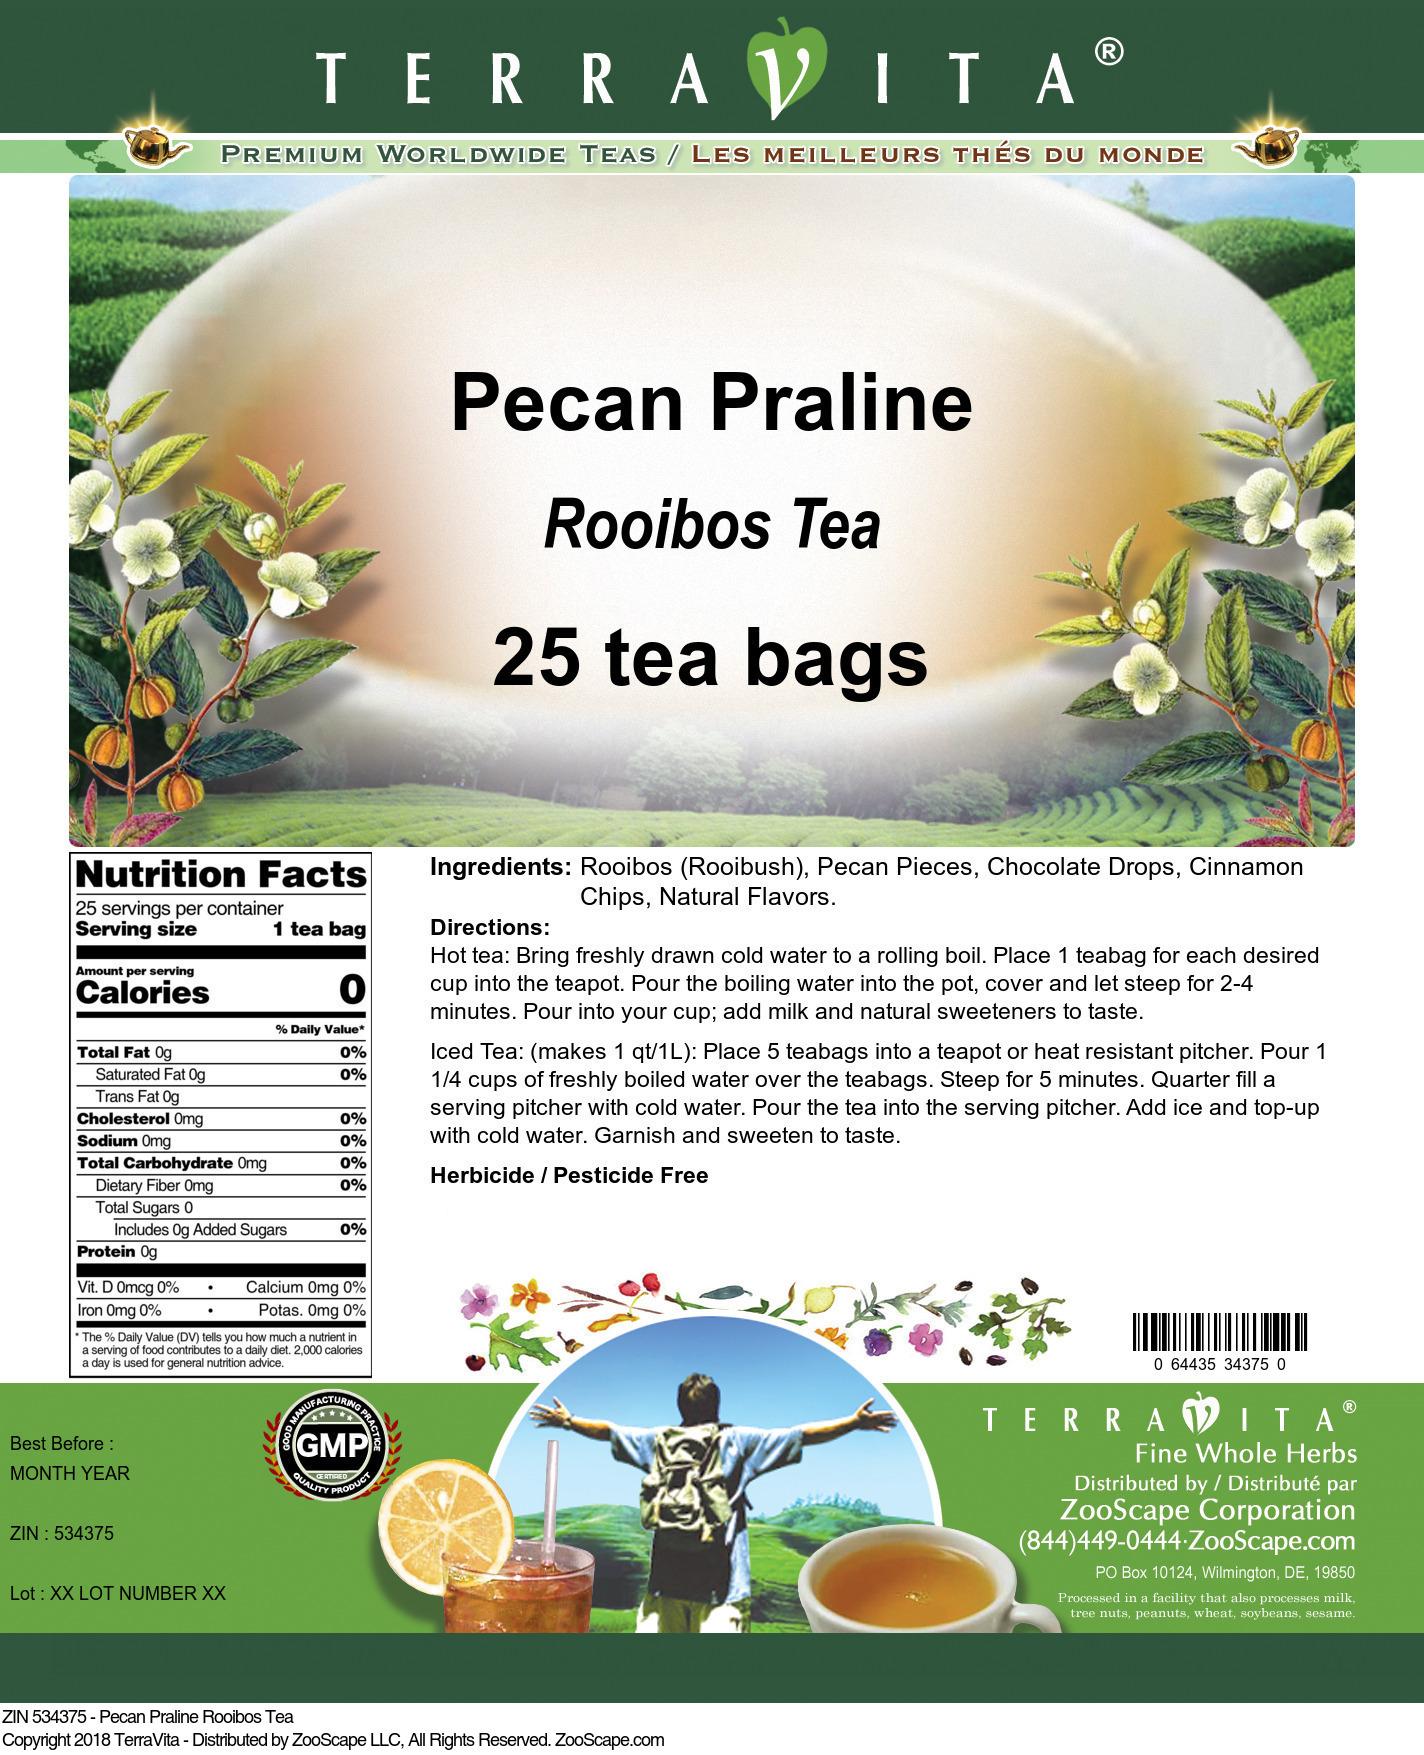 Pecan Praline Rooibos Tea